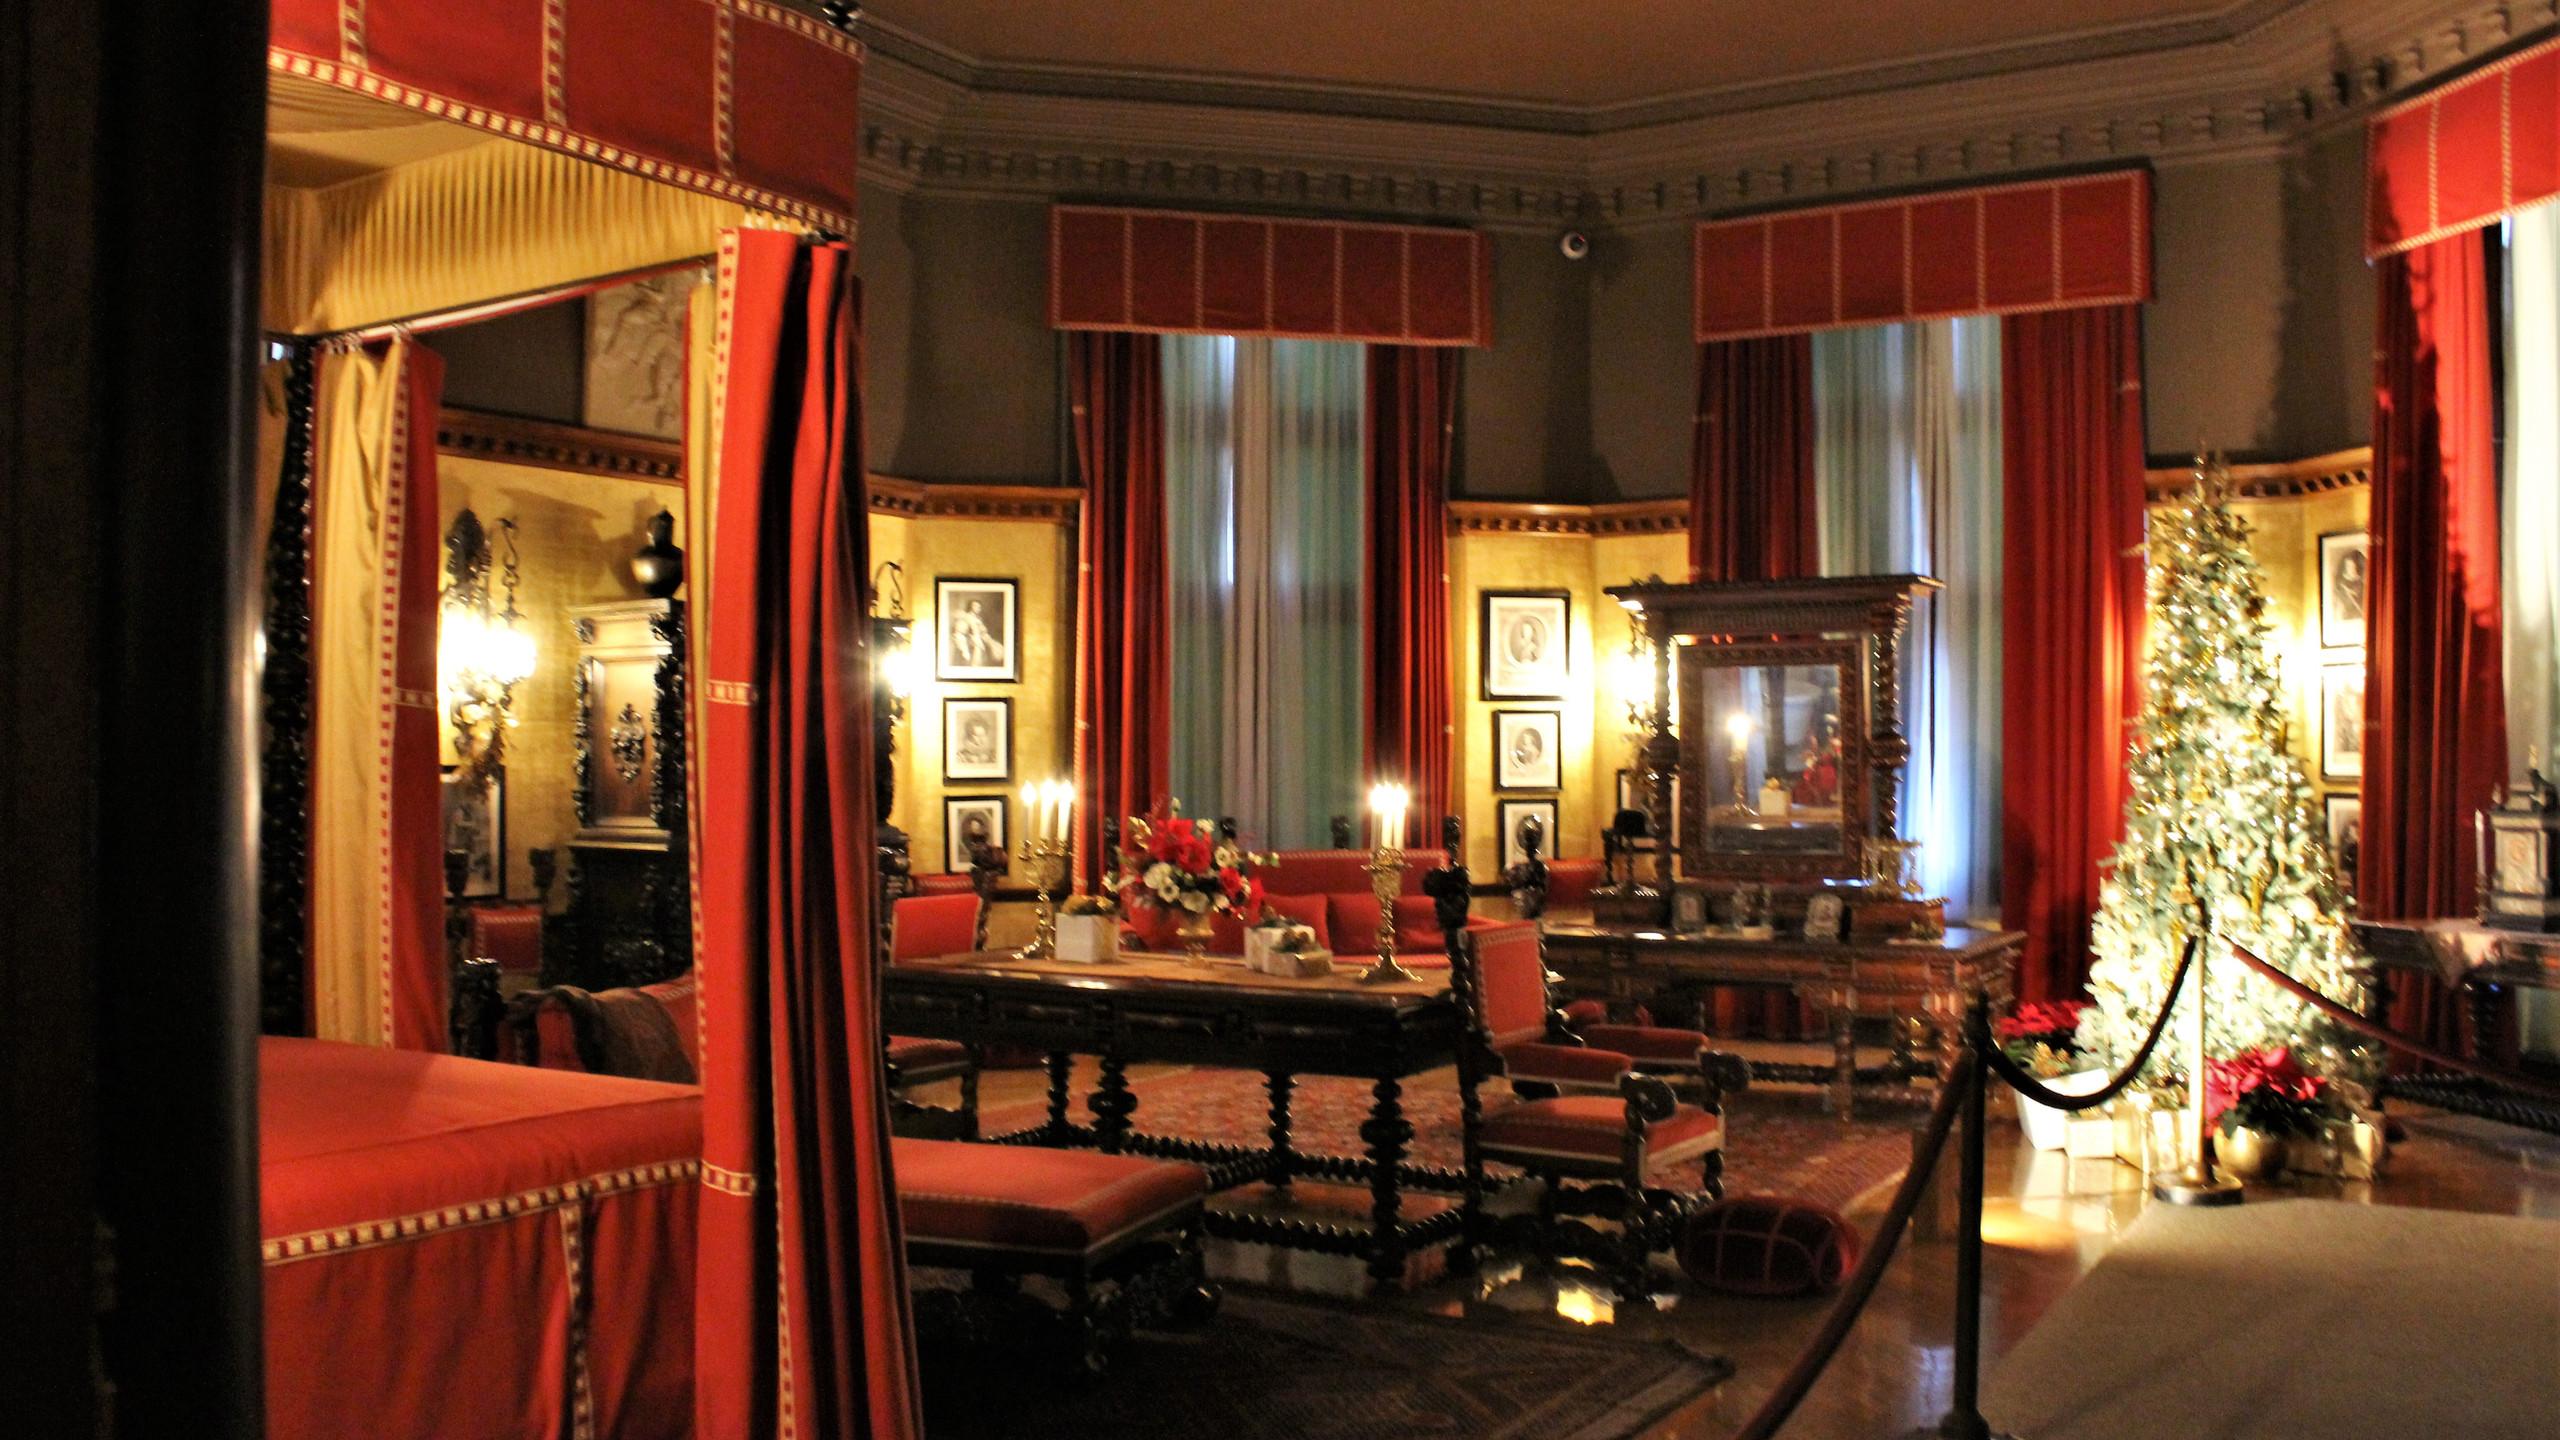 Mr. Vanderbilt's Chambers